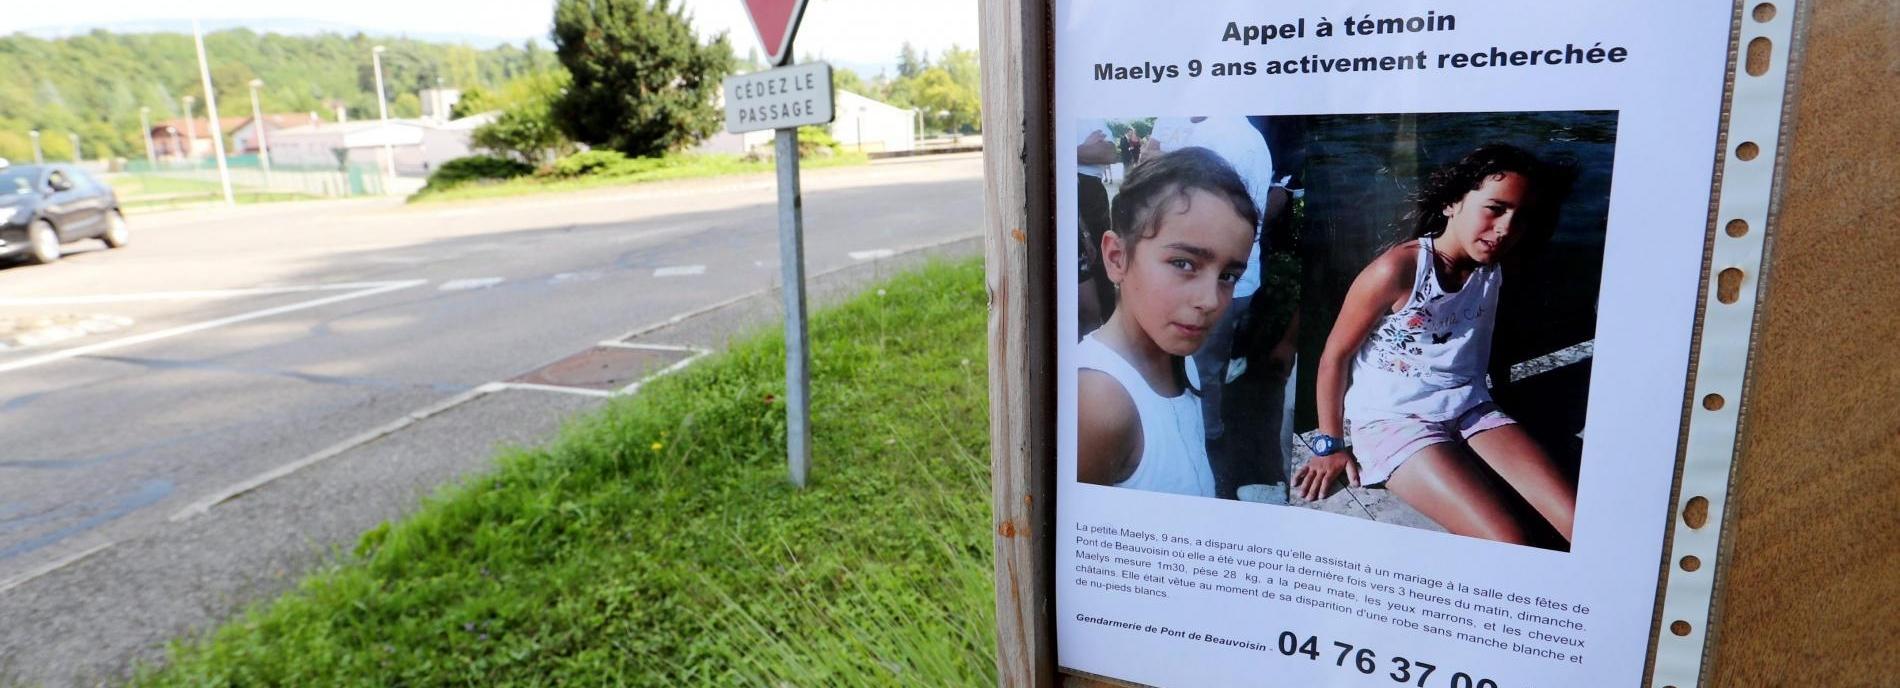 Un appel à témoins avec la photo de Maëlys affiché le 29 août 2017 à Pont-de-Beauvoisin (Isère).